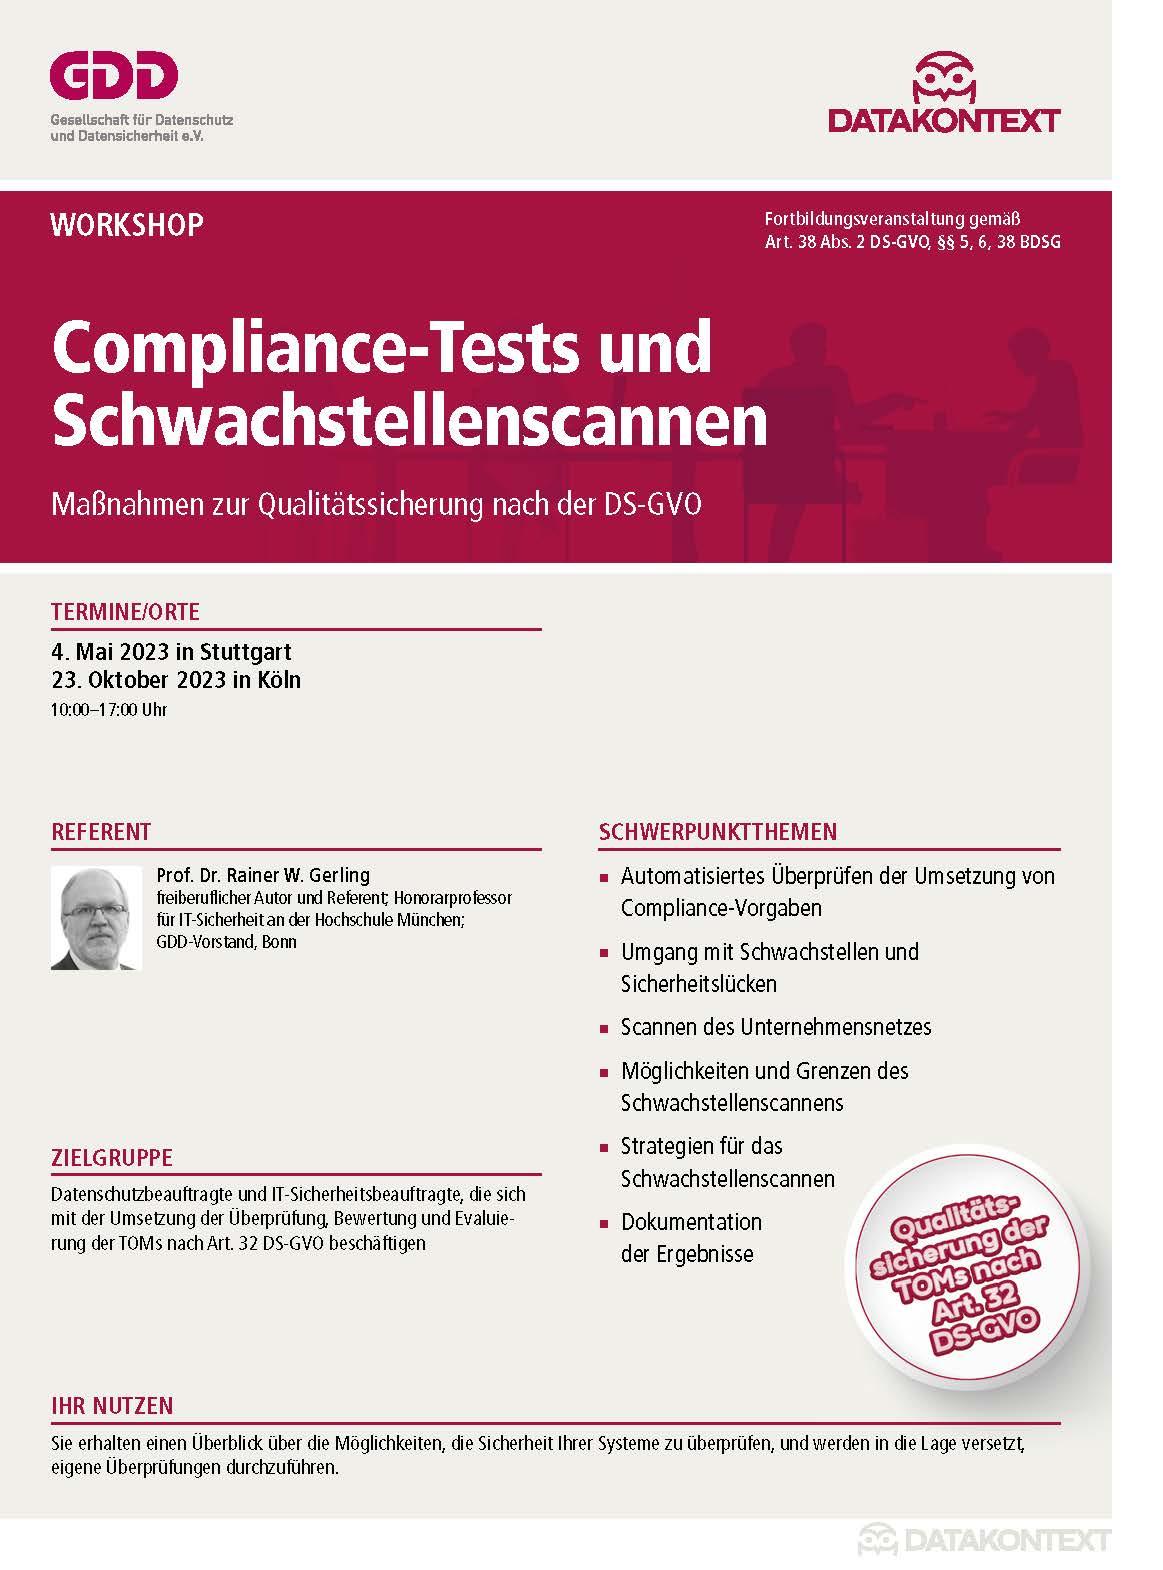 Compliance-Tests und Schwachstellenscannen